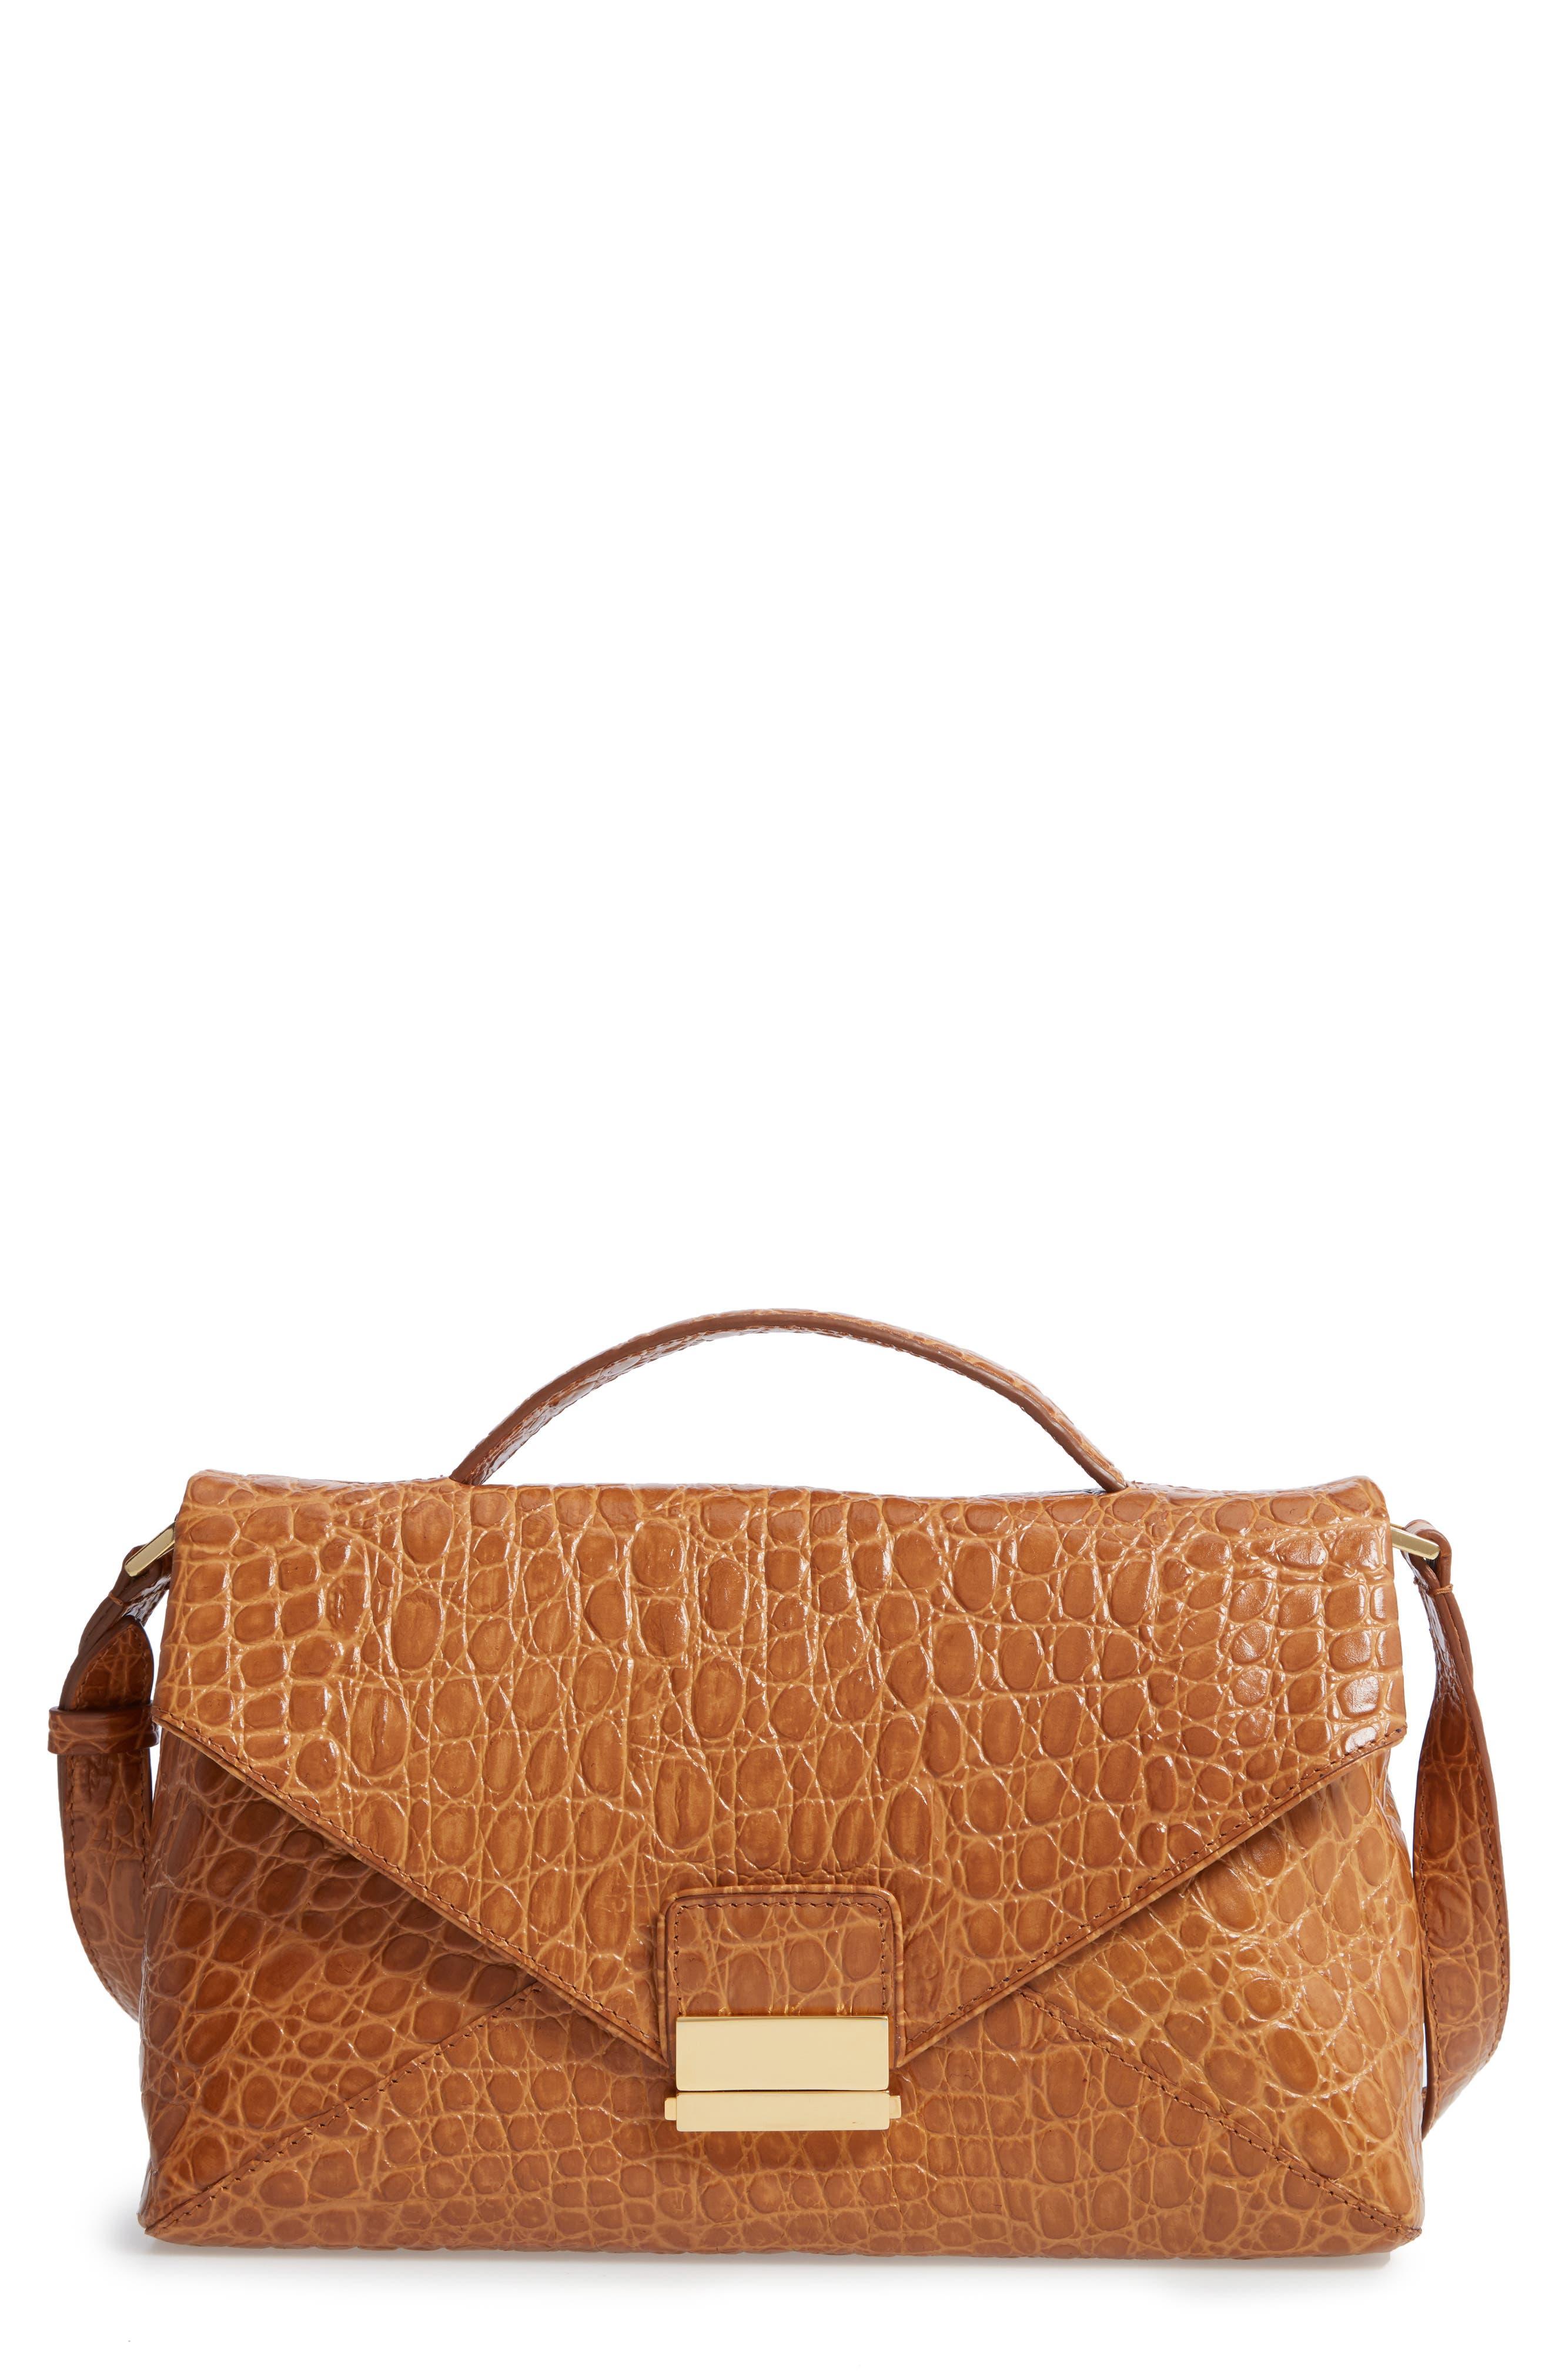 Croc Embossed Leather Shoulder Bag,                         Main,                         color, GOLD